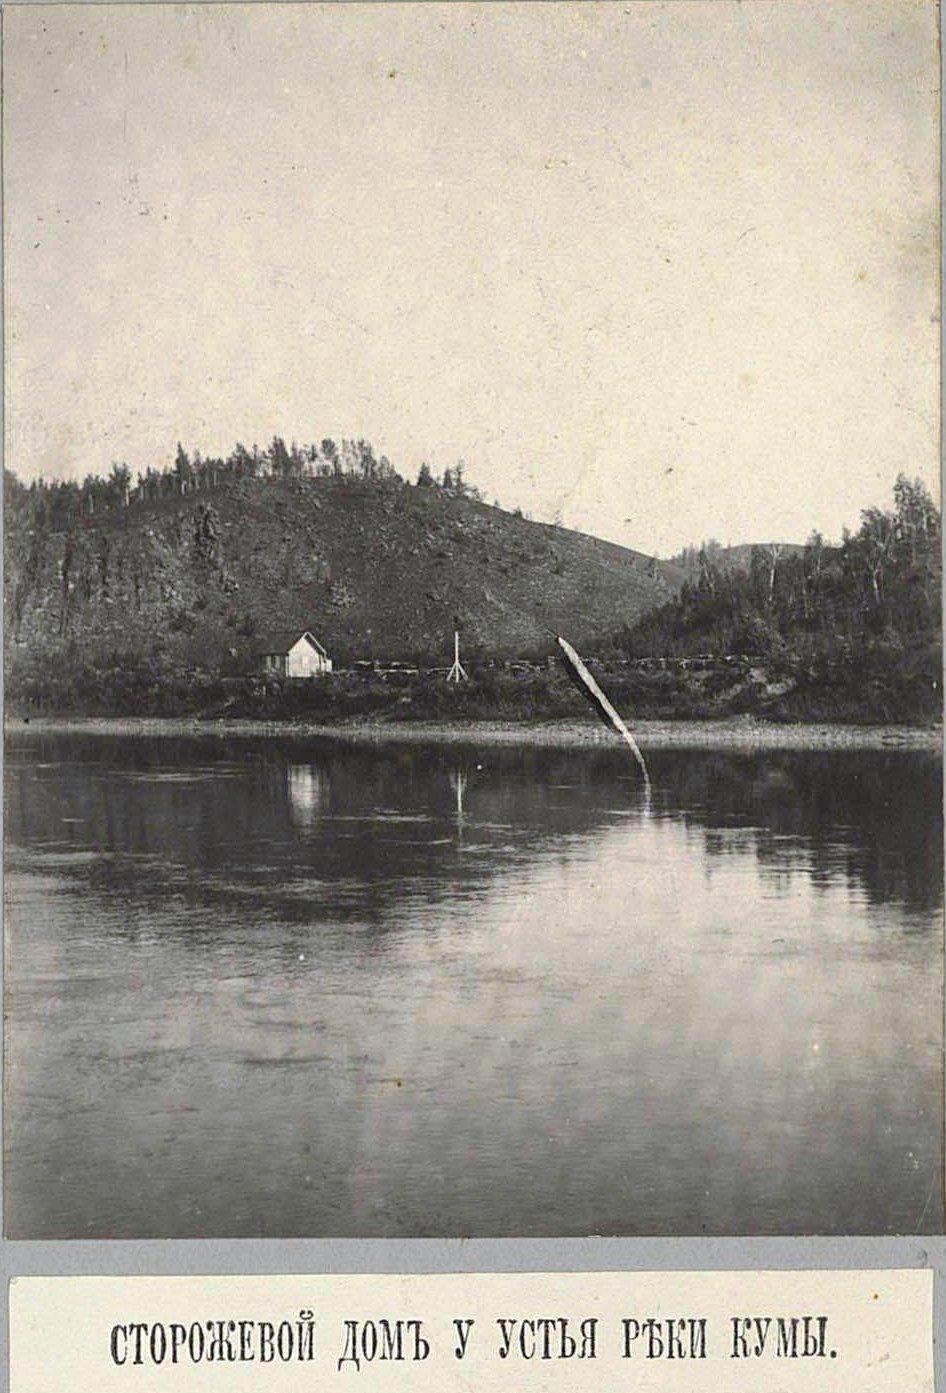 182. Сторожевой дом у устья реки Кумы